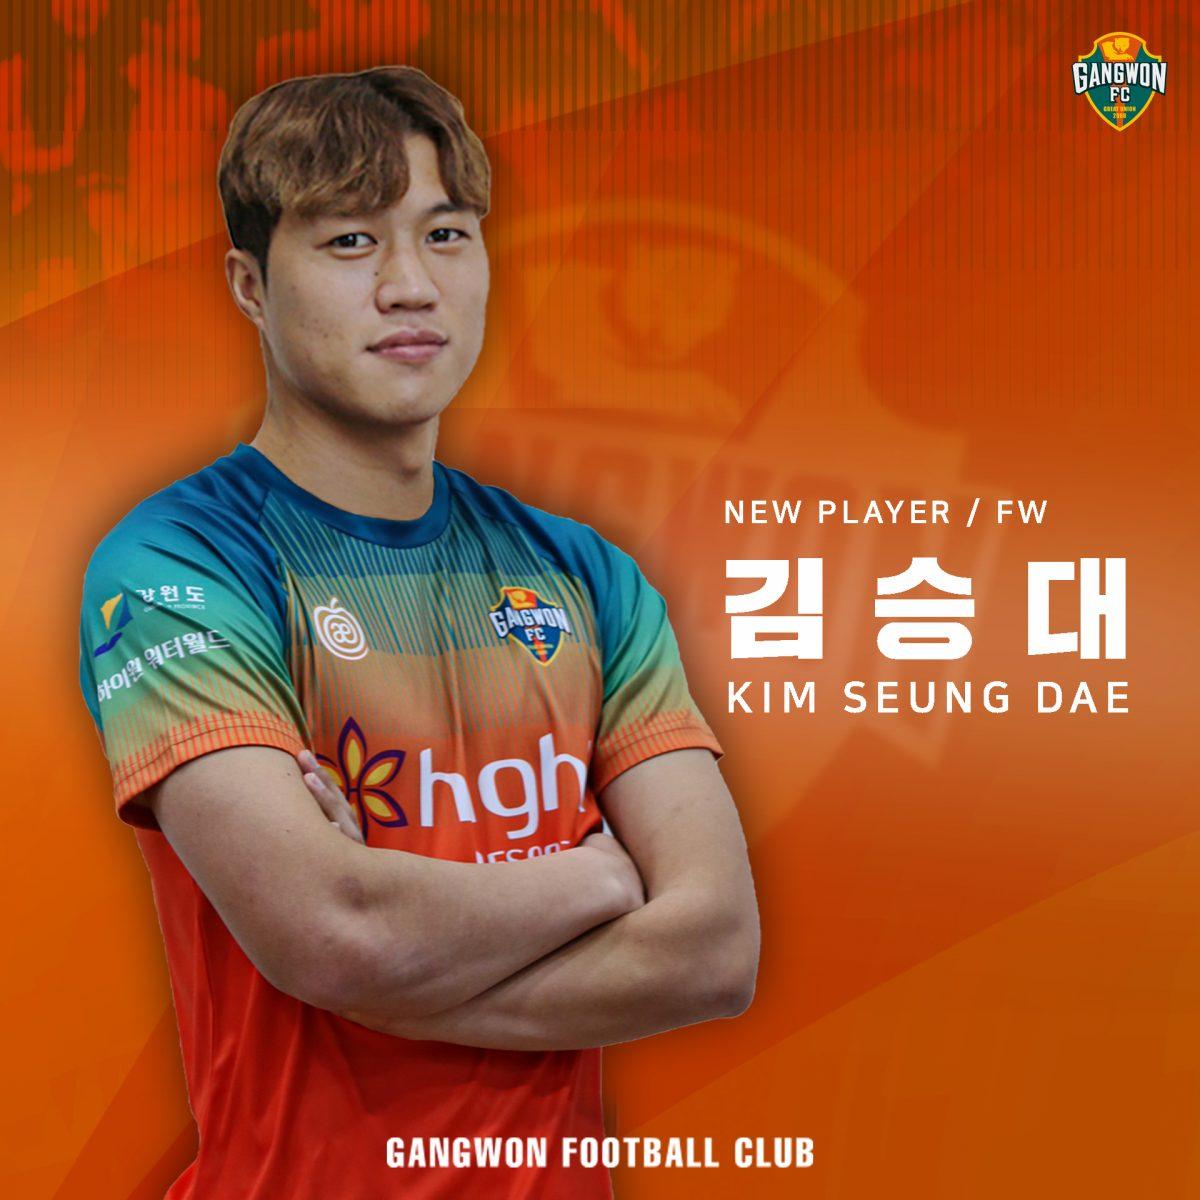 강원FC, 김승대 임대 영입으로 '화룡점정'